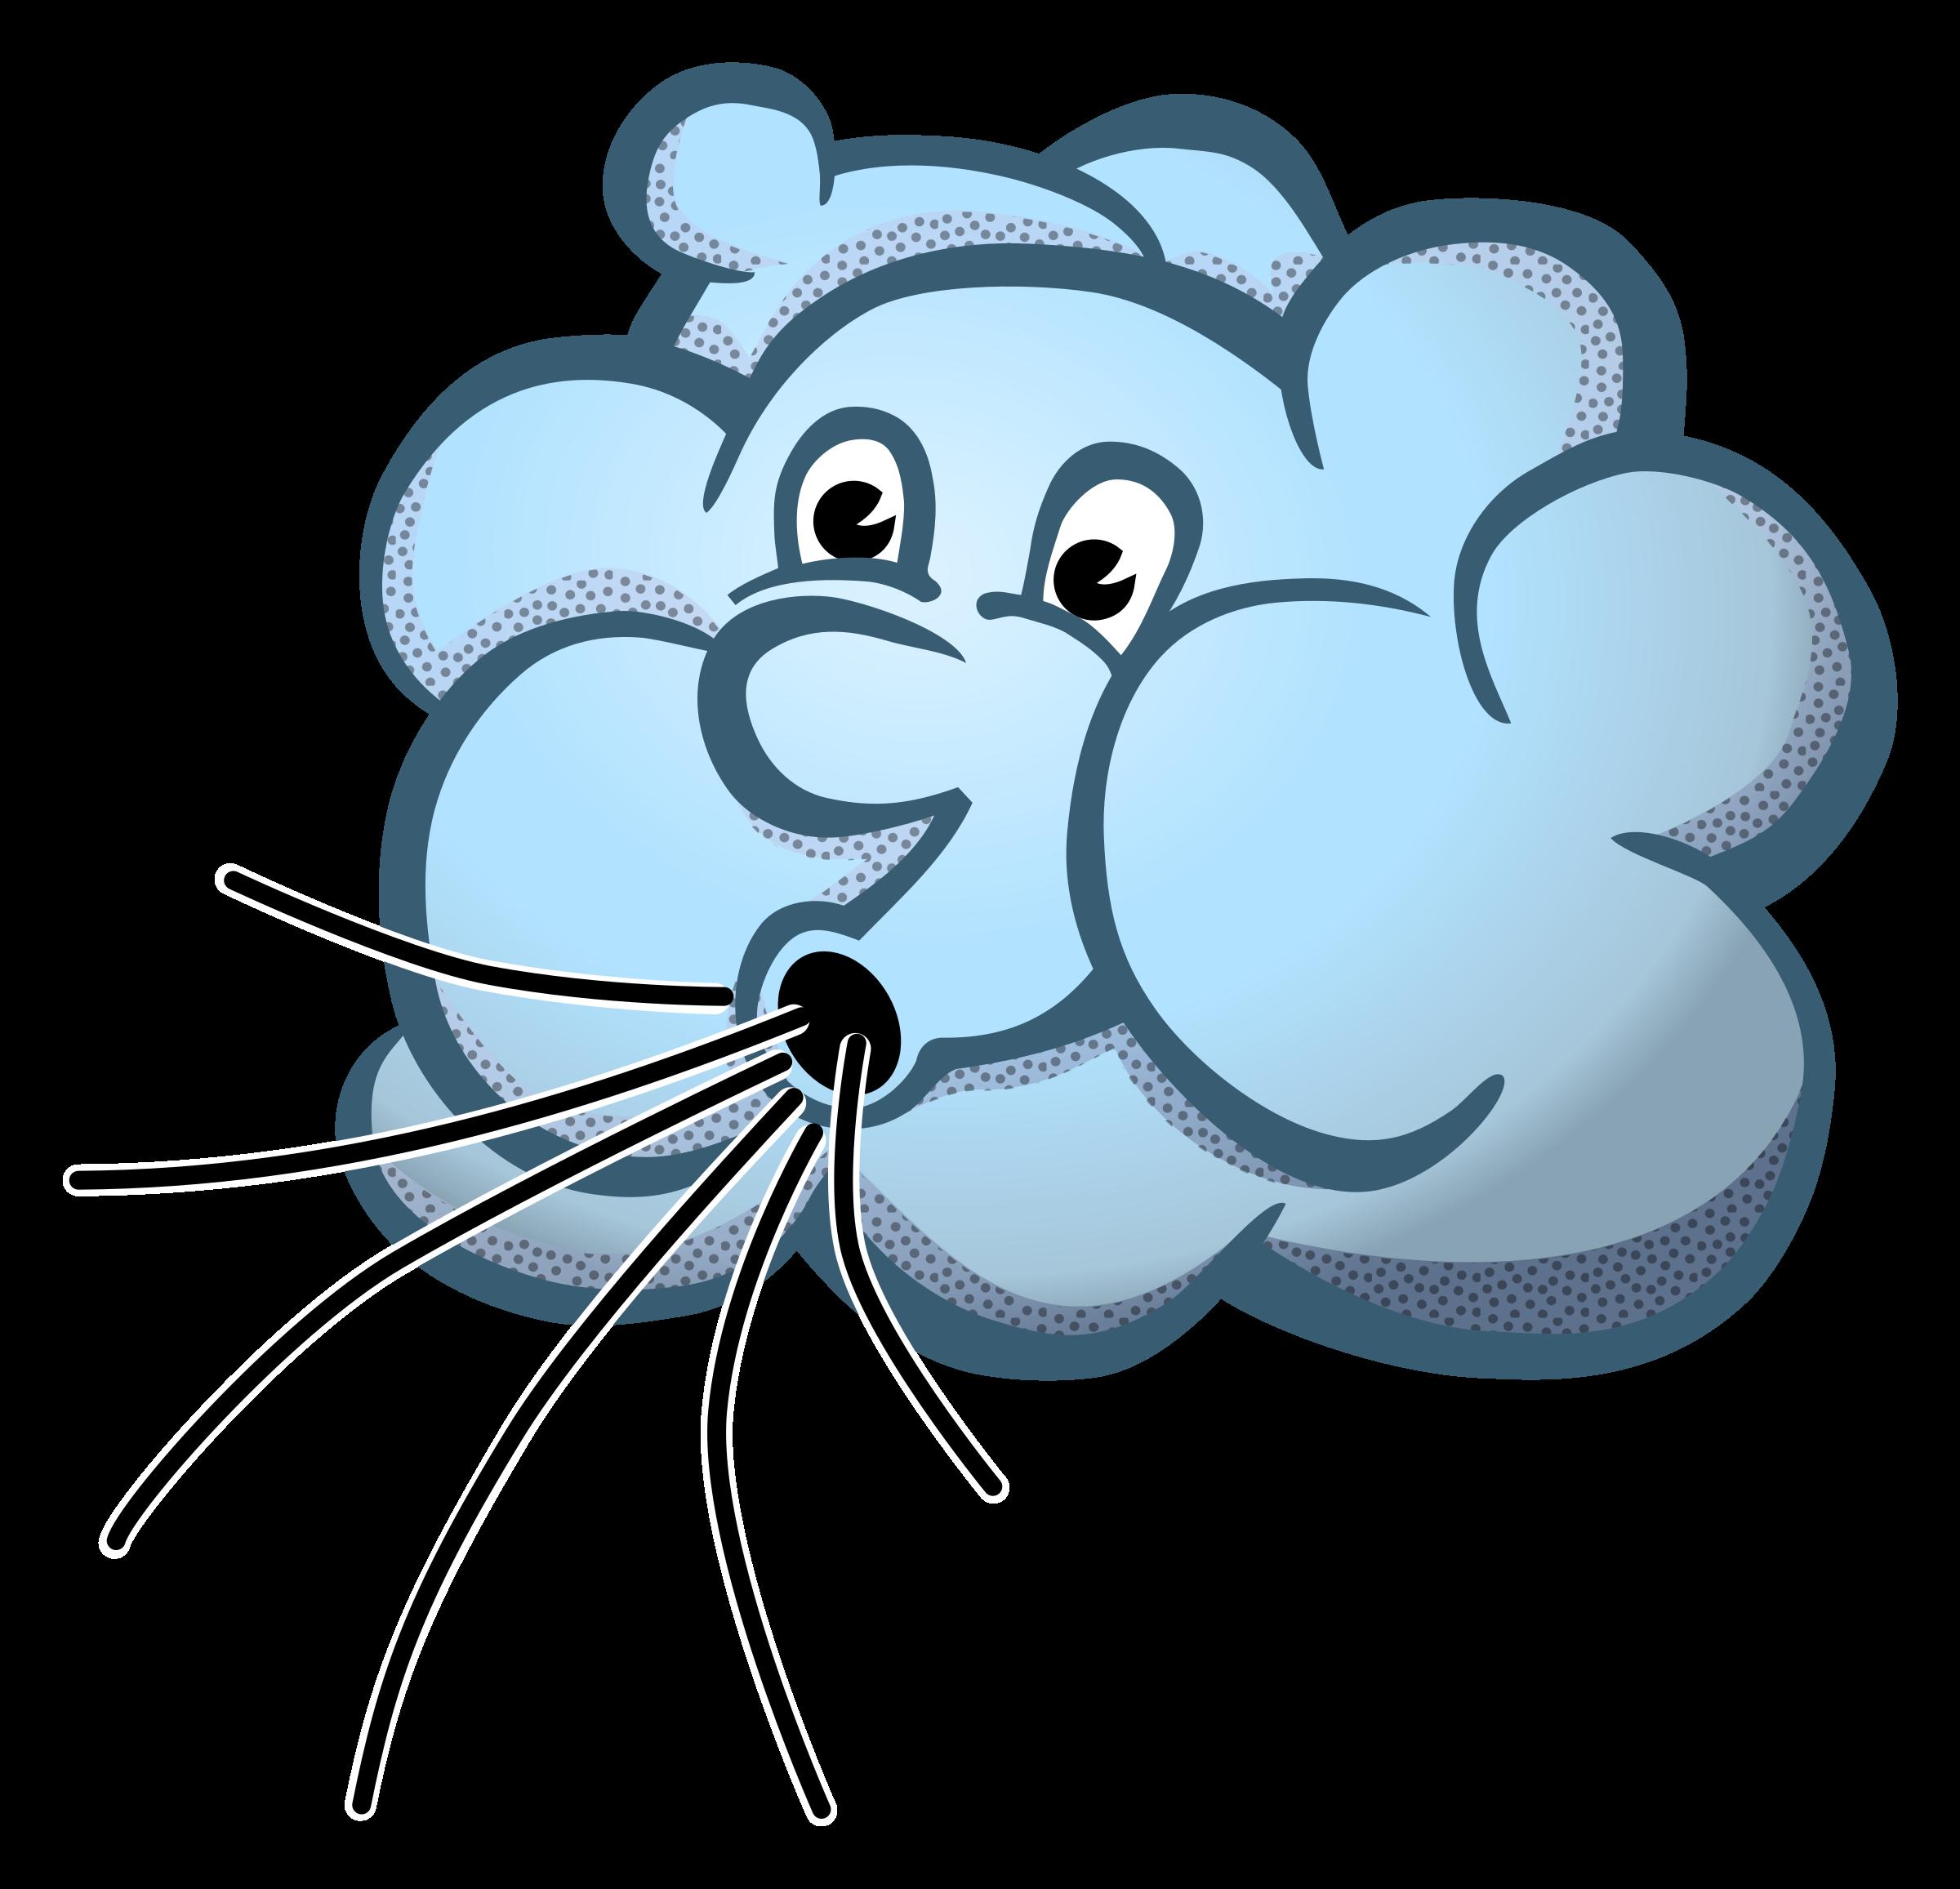 Windy pictures clipart clip art transparent Windy clip art clipart wikiclipart 2 - WikiClipArt clip art transparent